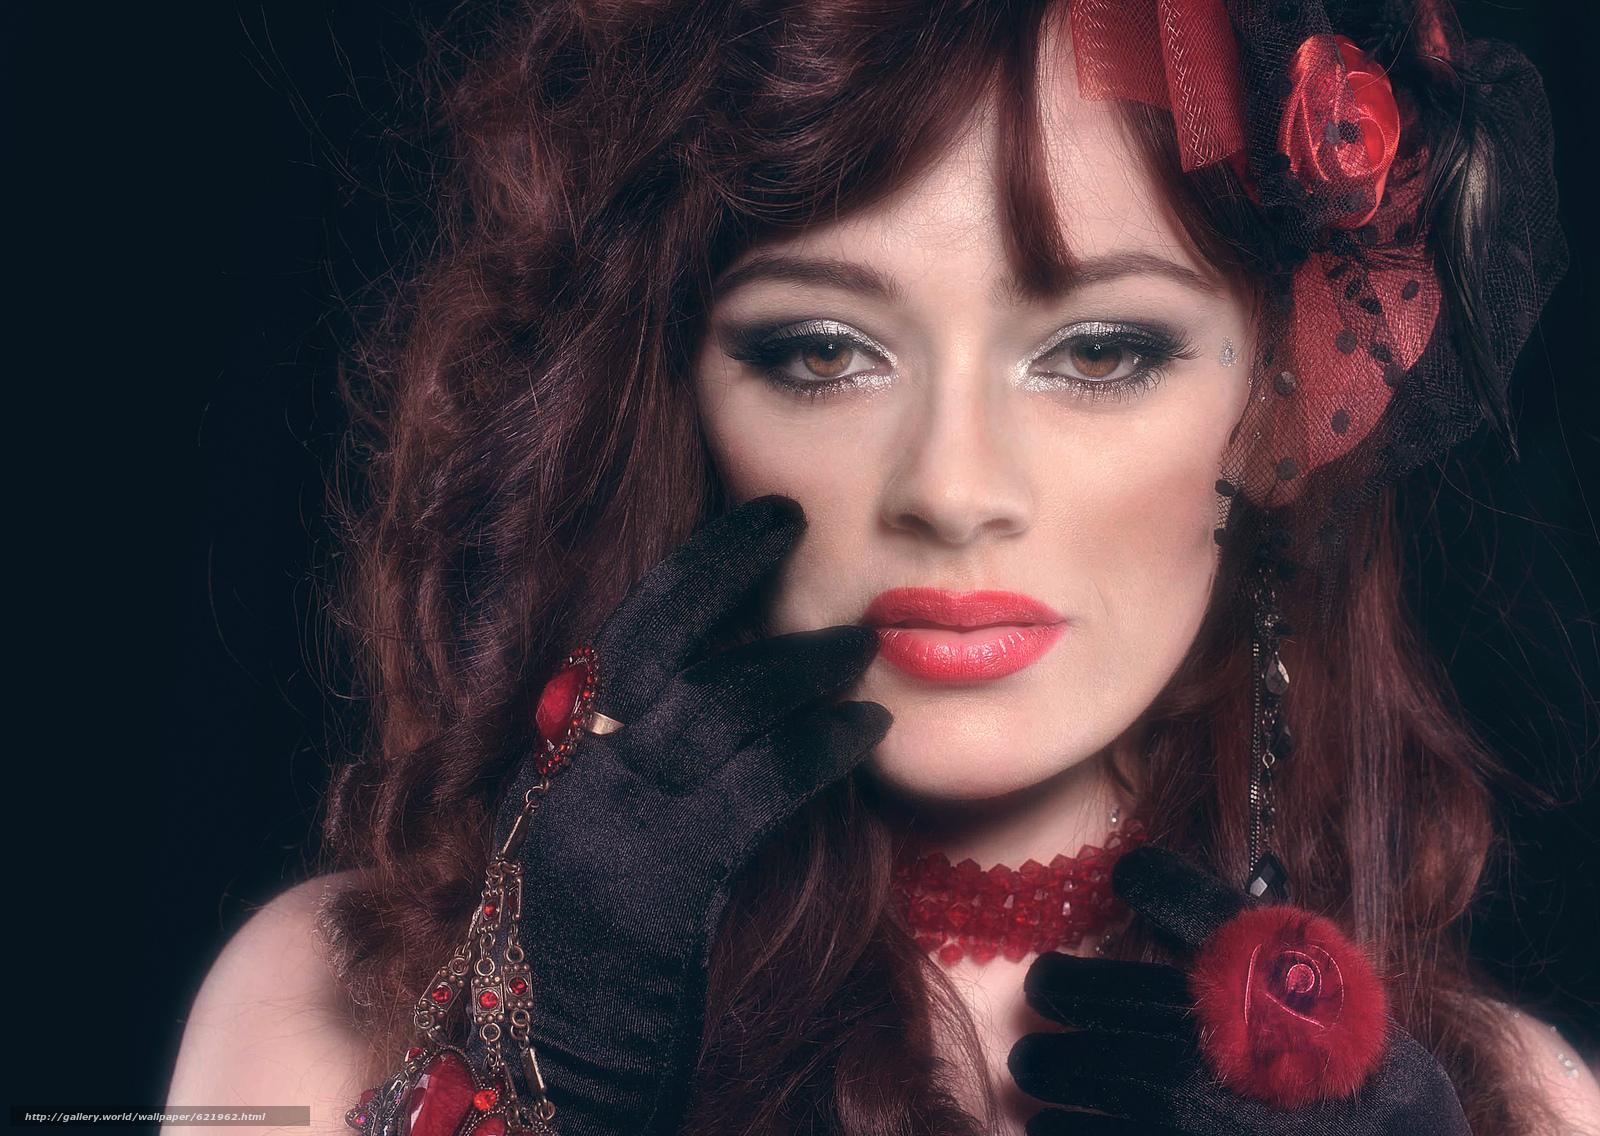 Скачать на телефон обои фото картинку на тему девушка, портрет, лицо, макияж, взгляд, рука, перчатка, кольцо, украшения, разширение 2048x1454